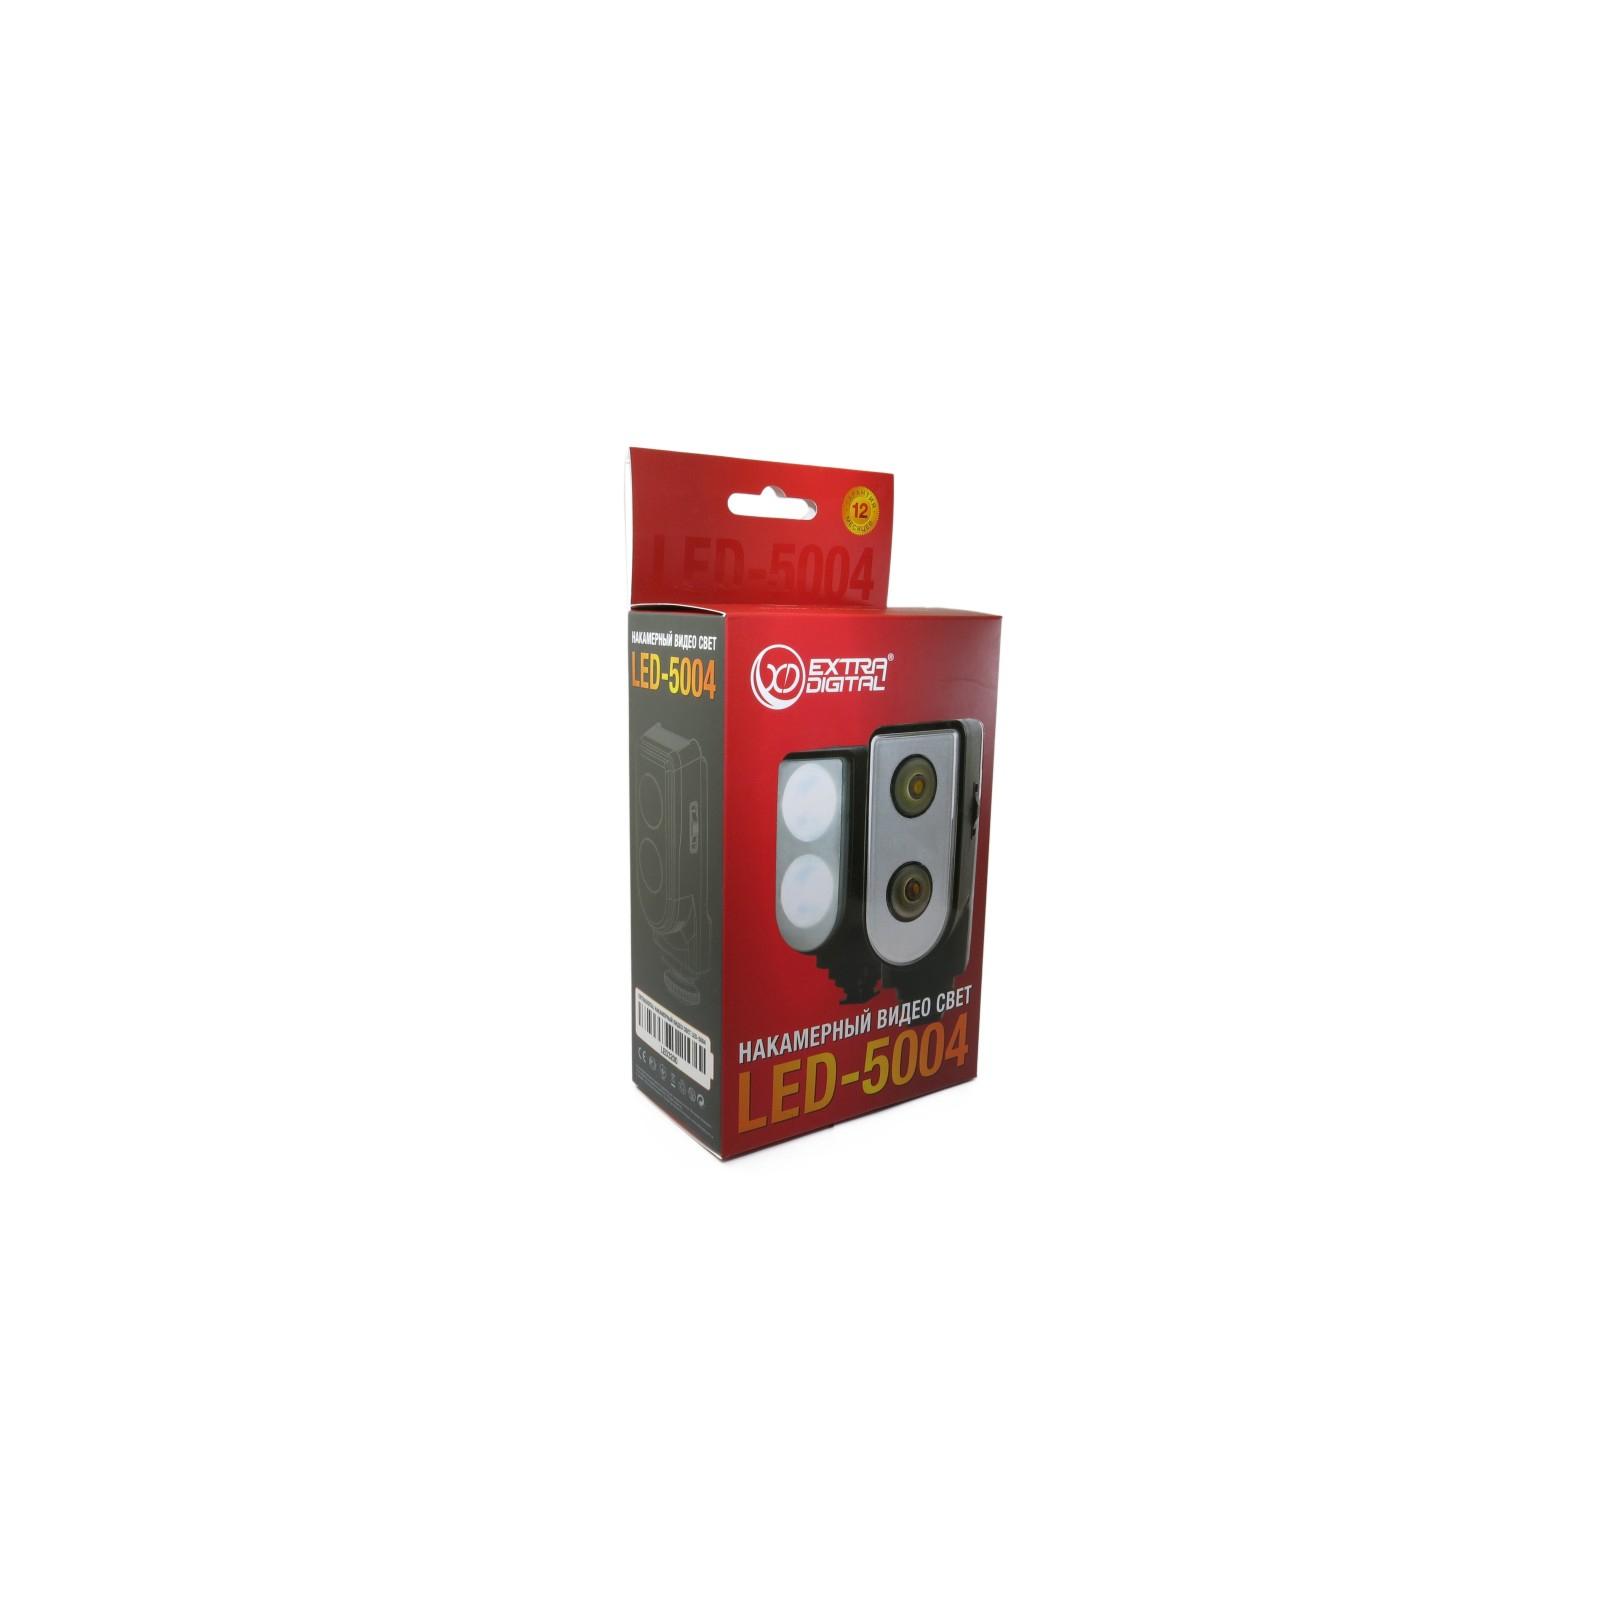 Вспышка EXTRADIGITAL Накамерный свет LED-5004 (LED3200) изображение 6